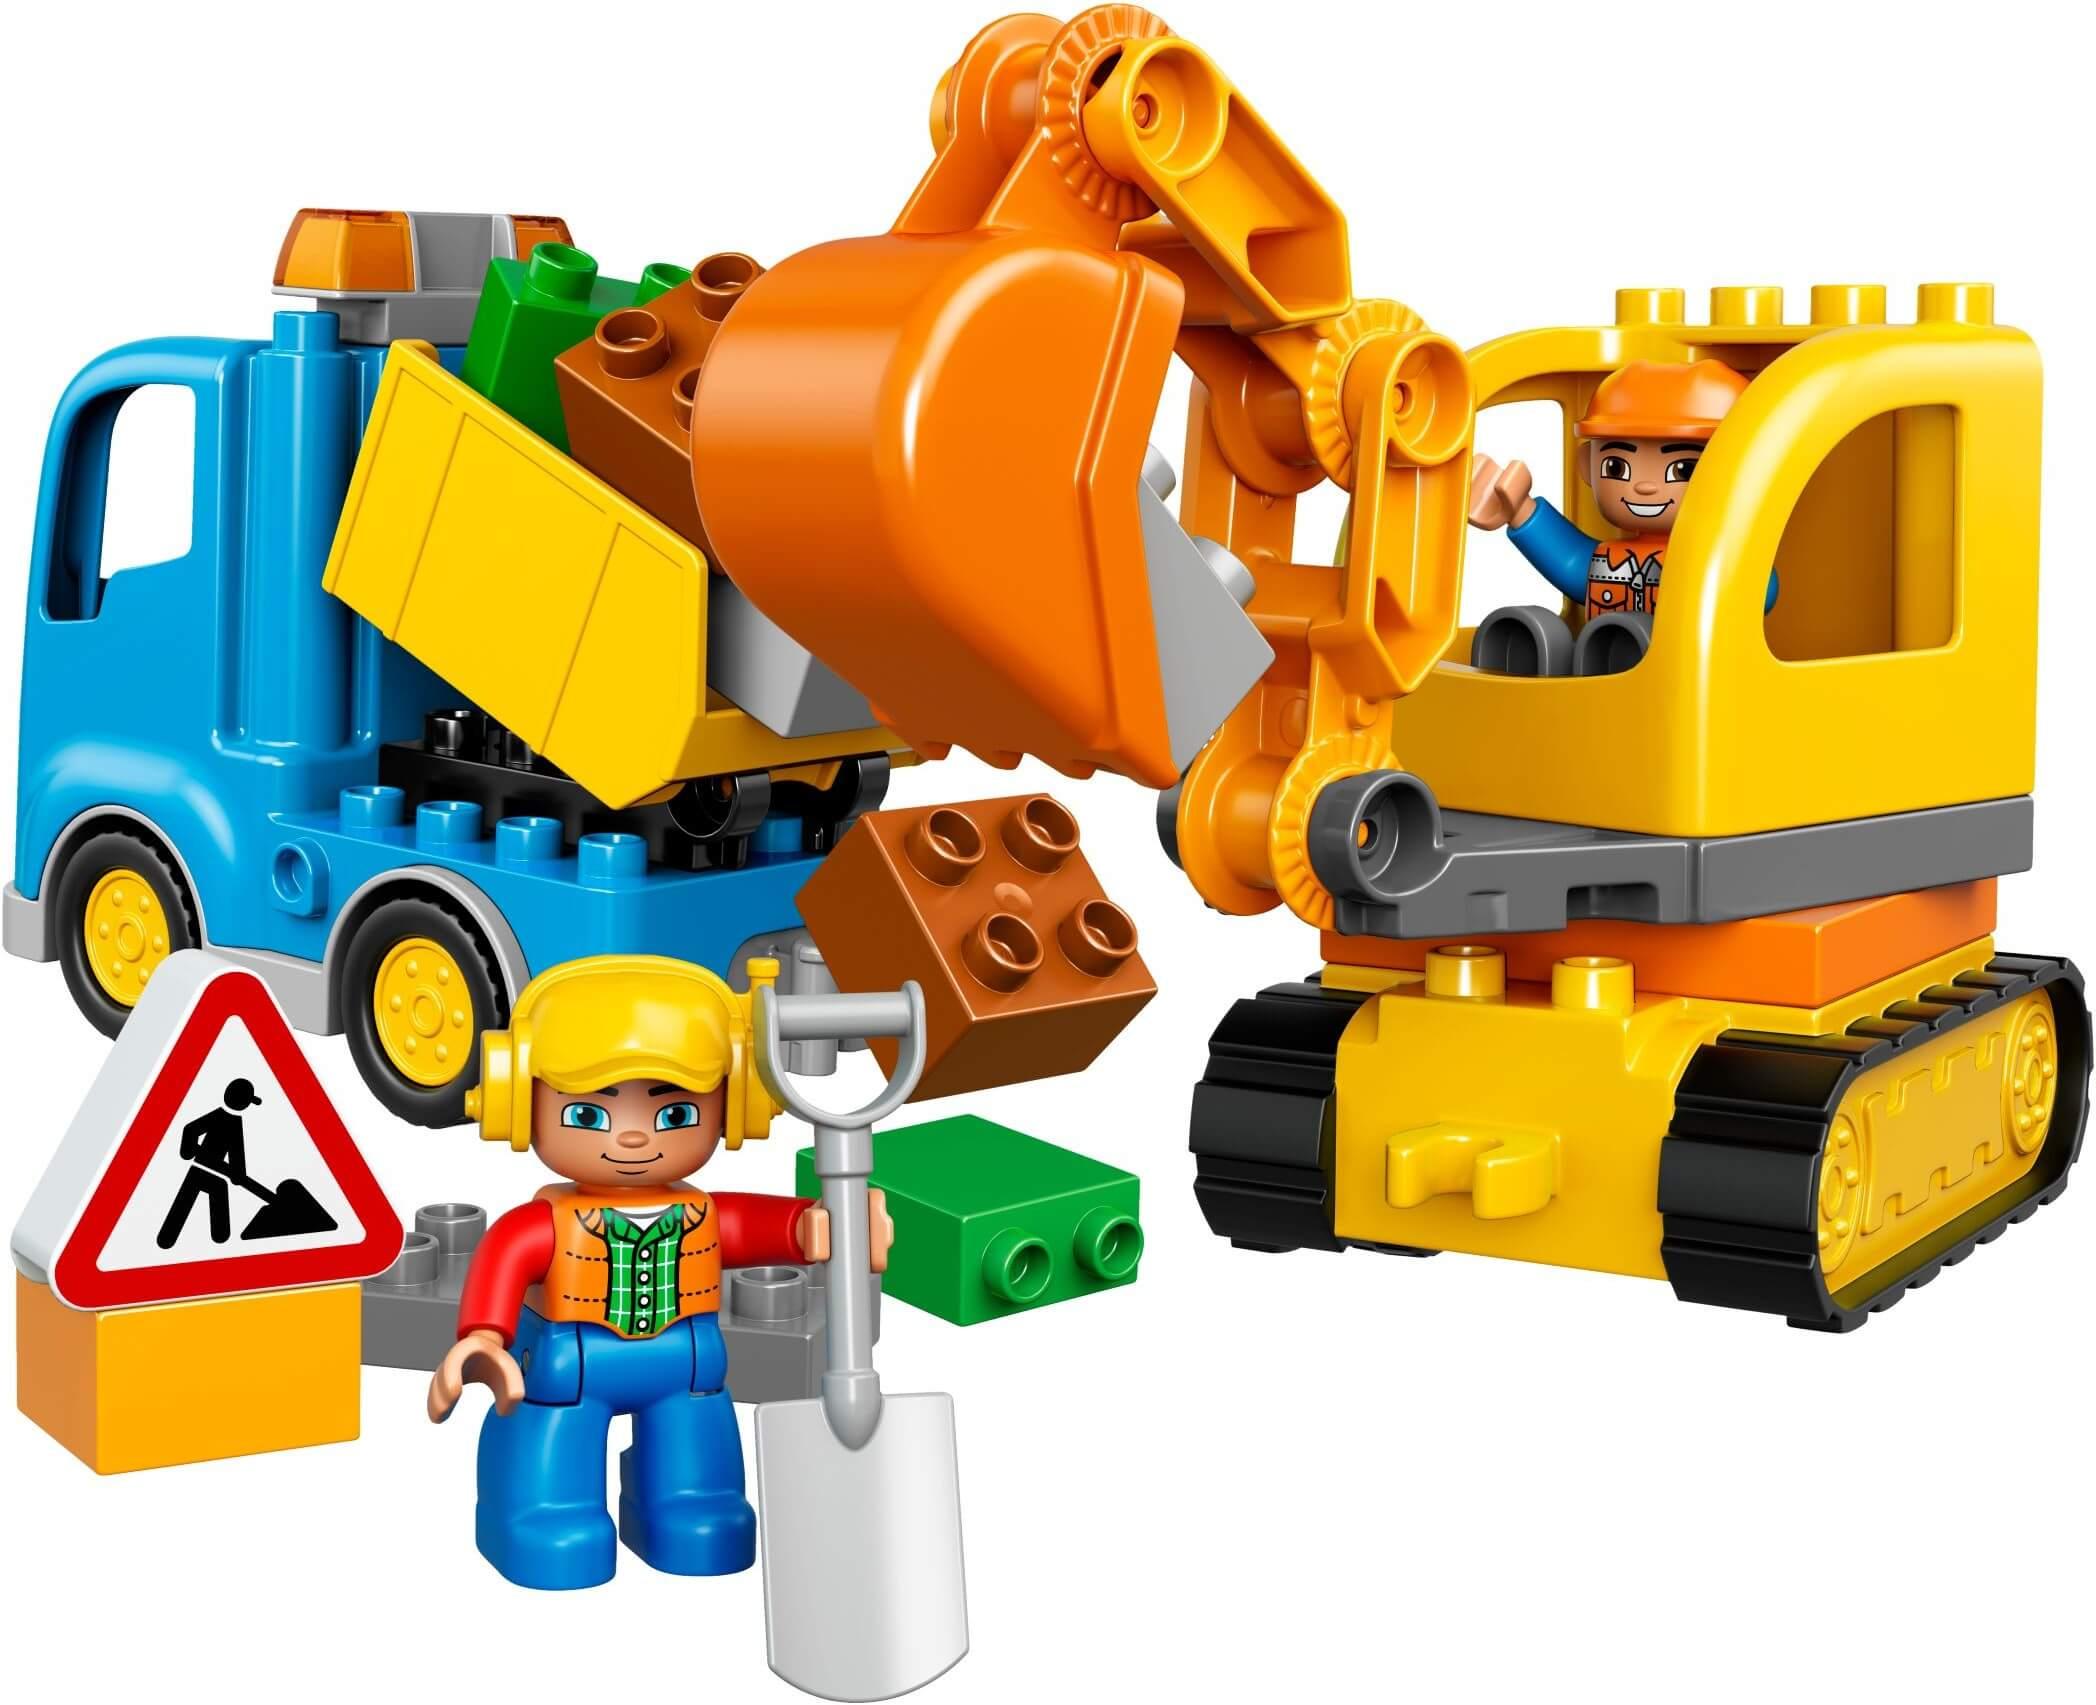 Mua đồ chơi LEGO 10812 - LEGO DUPLO 10812 - Xe Tải và Xe Ủi của Bé (LEGO DUPLO Truck & Tracked Excavator 10812)